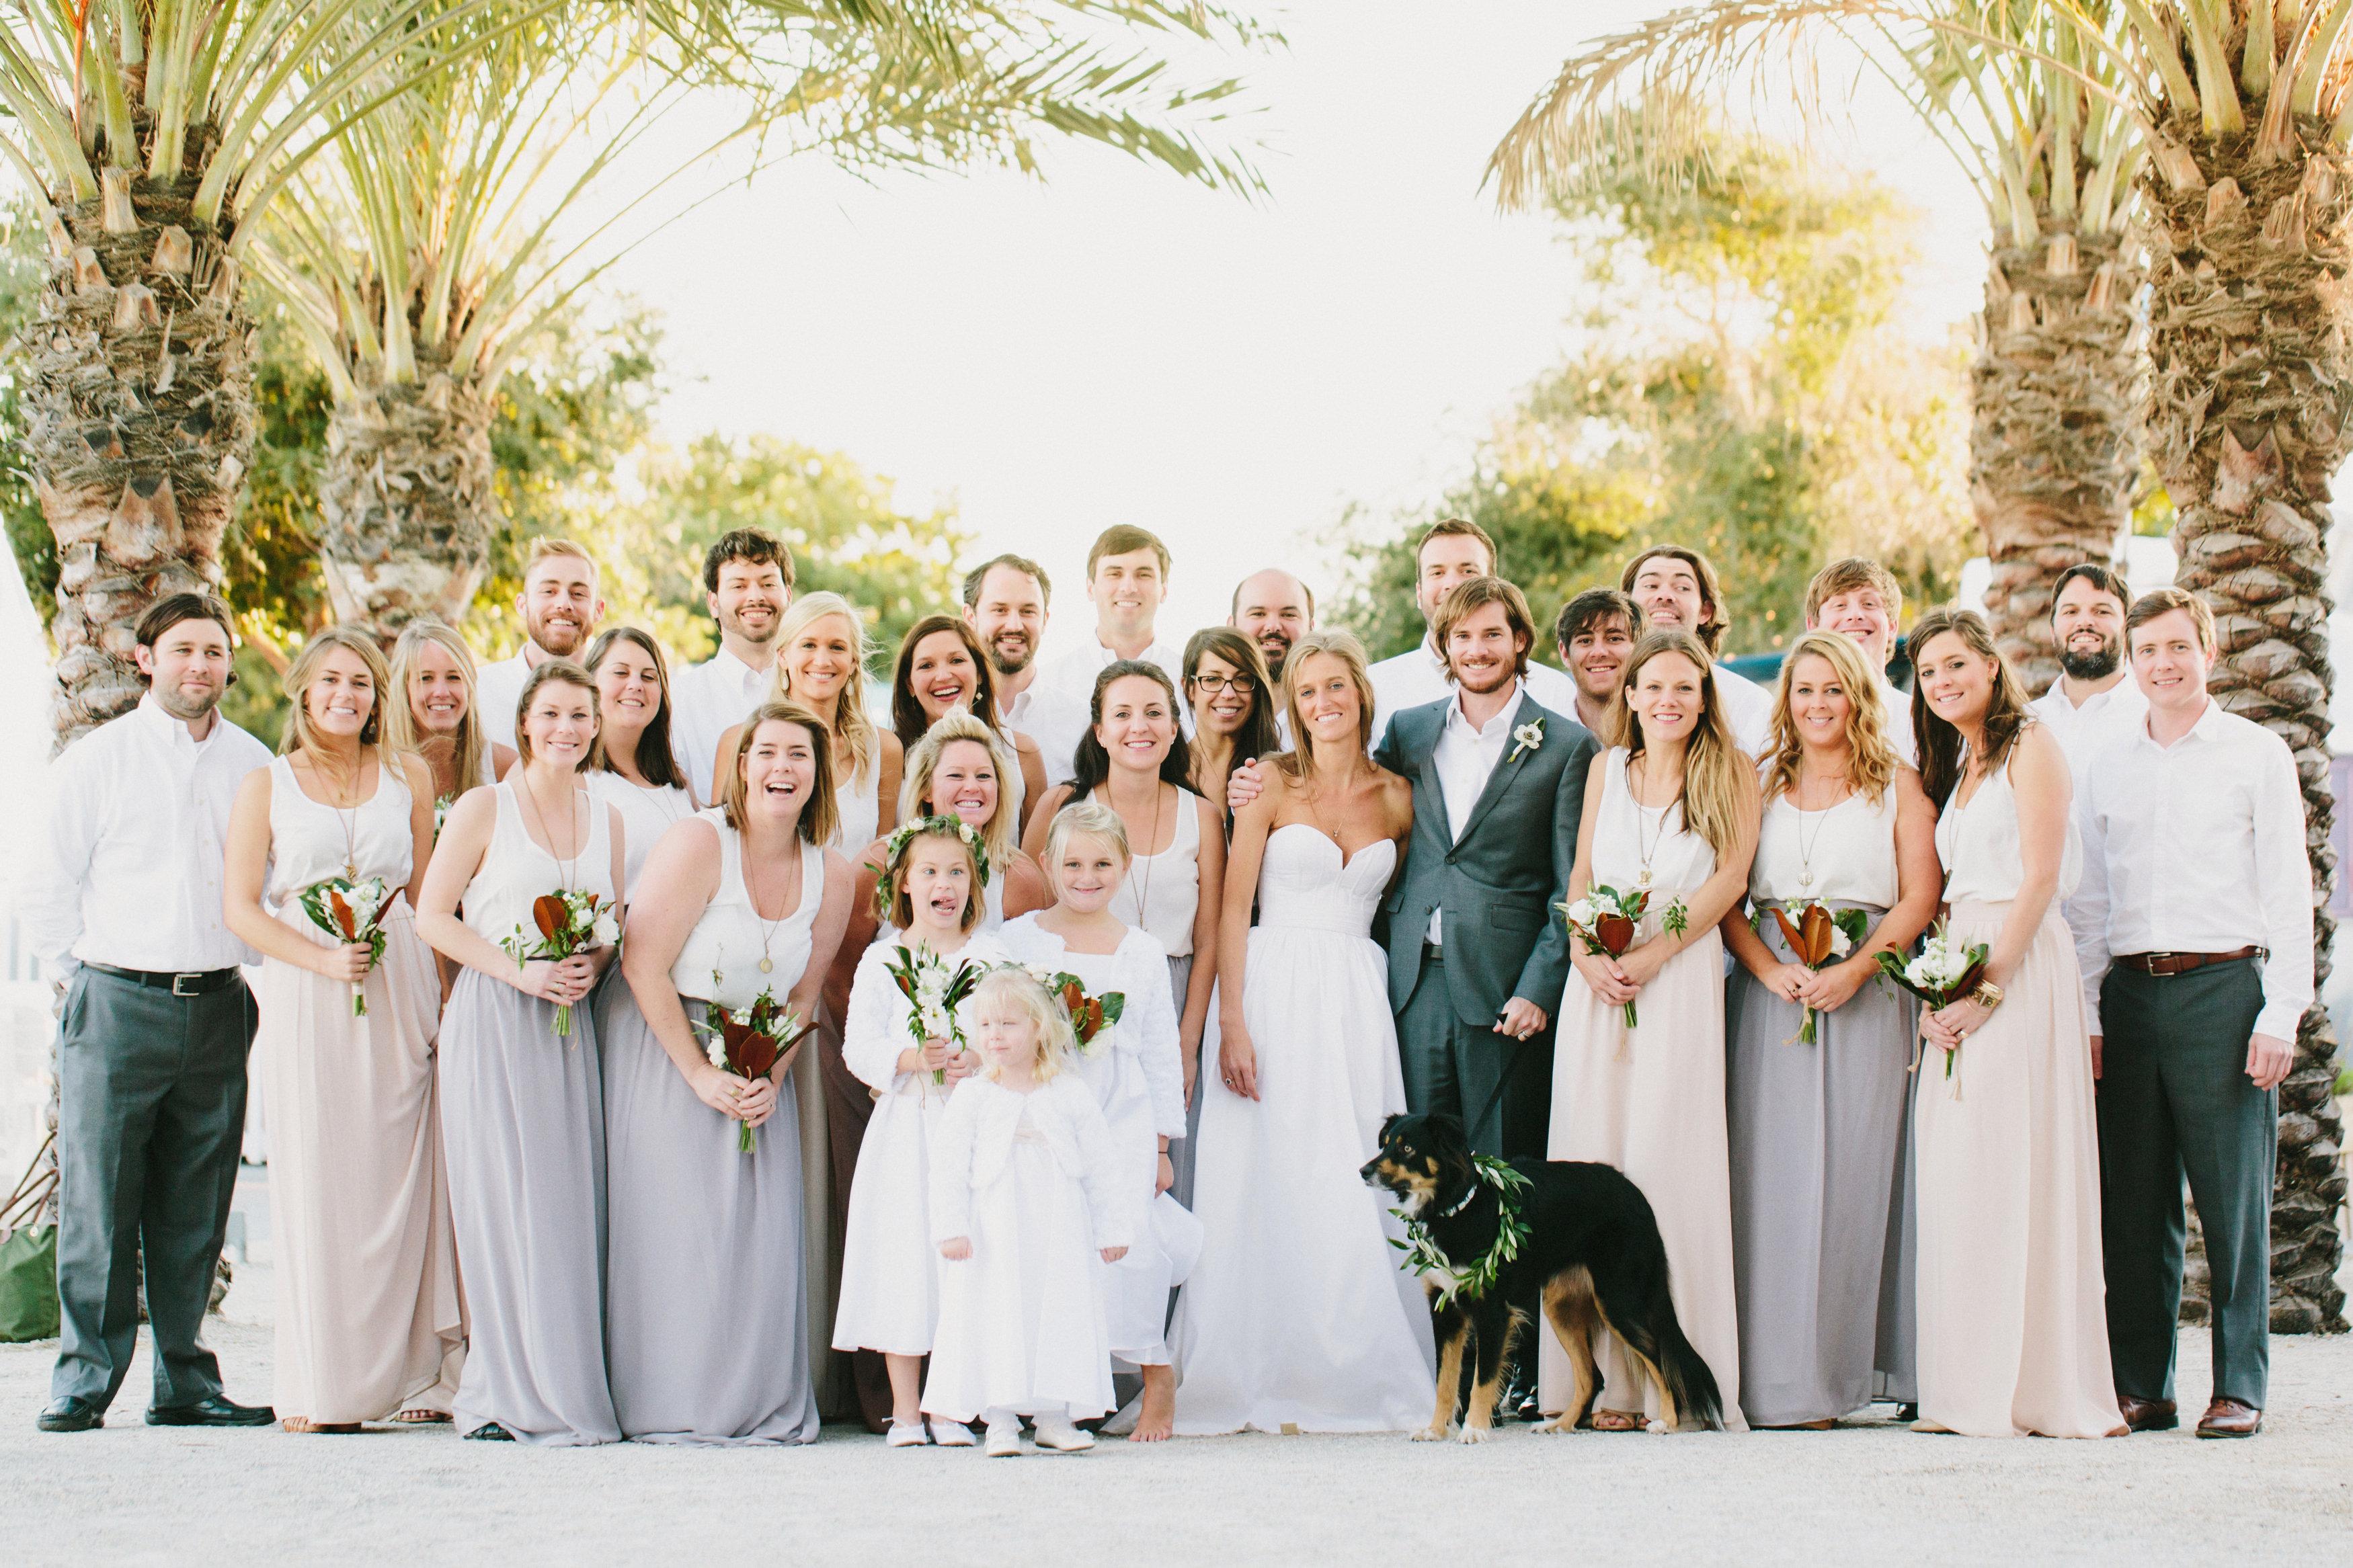 Wilderness beach wedding